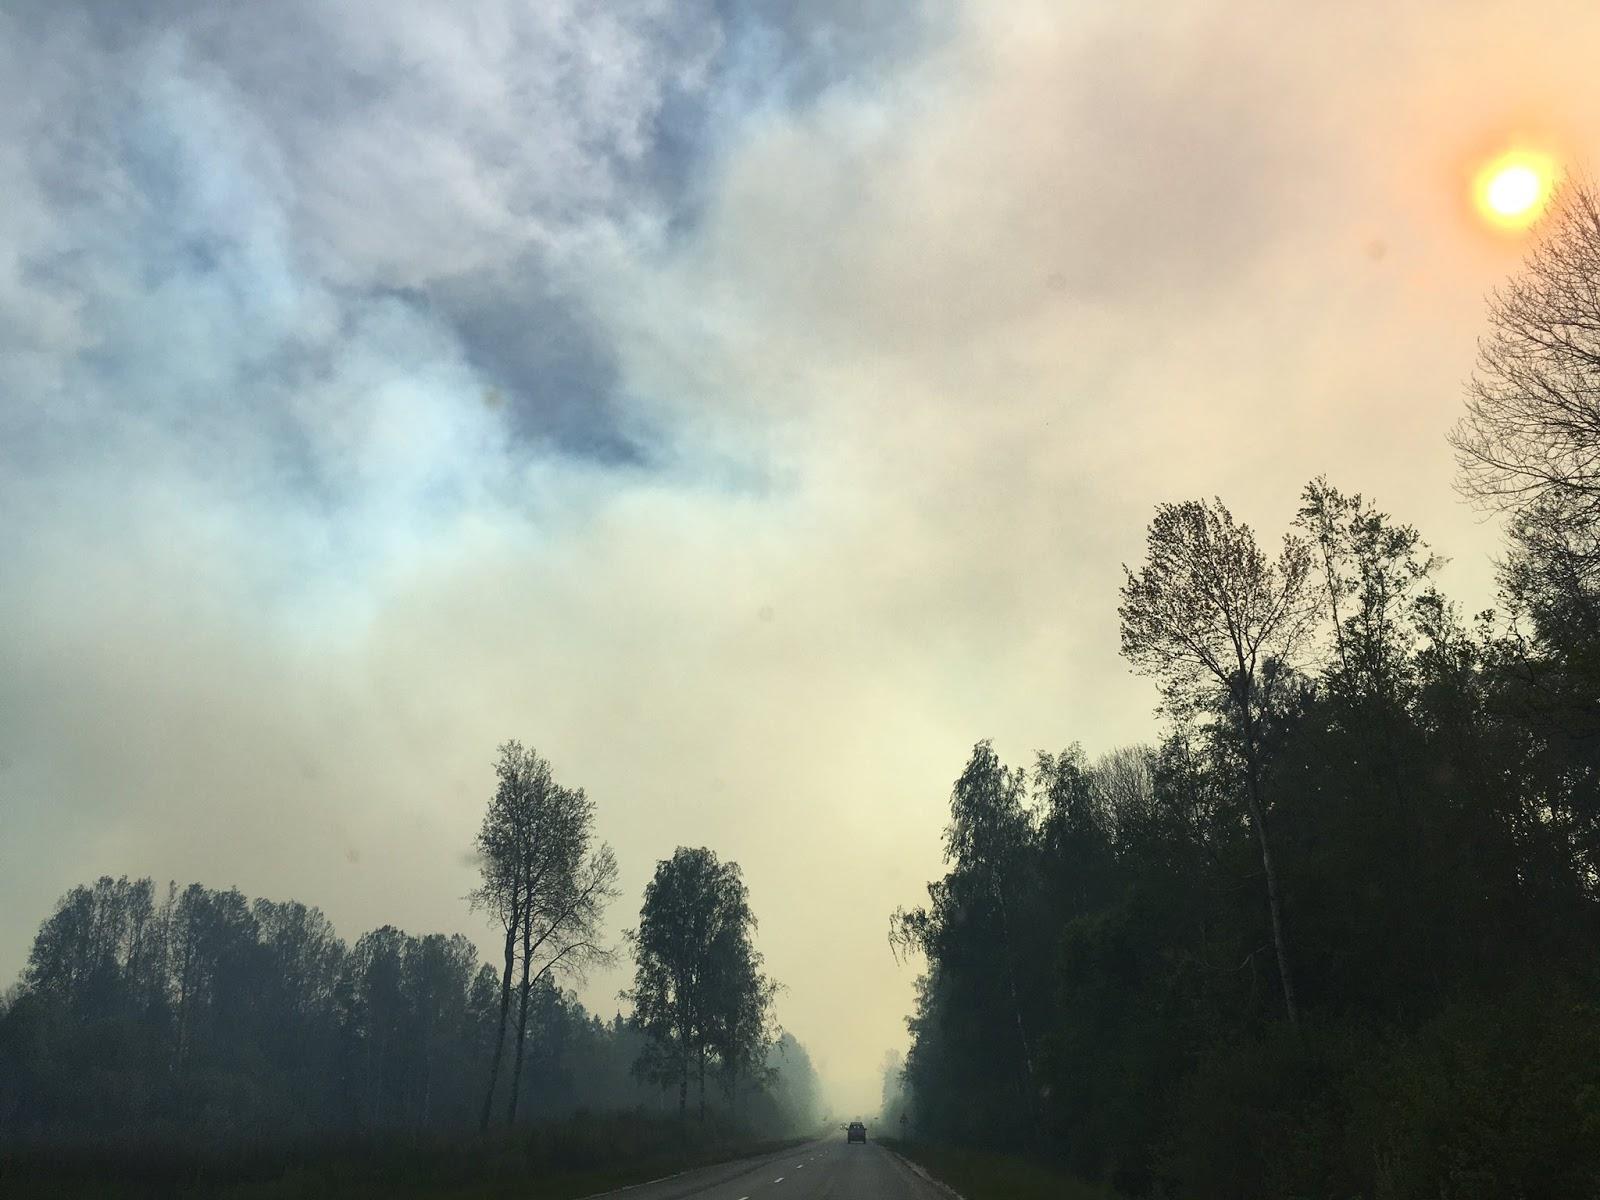 Dūmi no ugunsgrēka apgrūtina redzamību uz ceļa